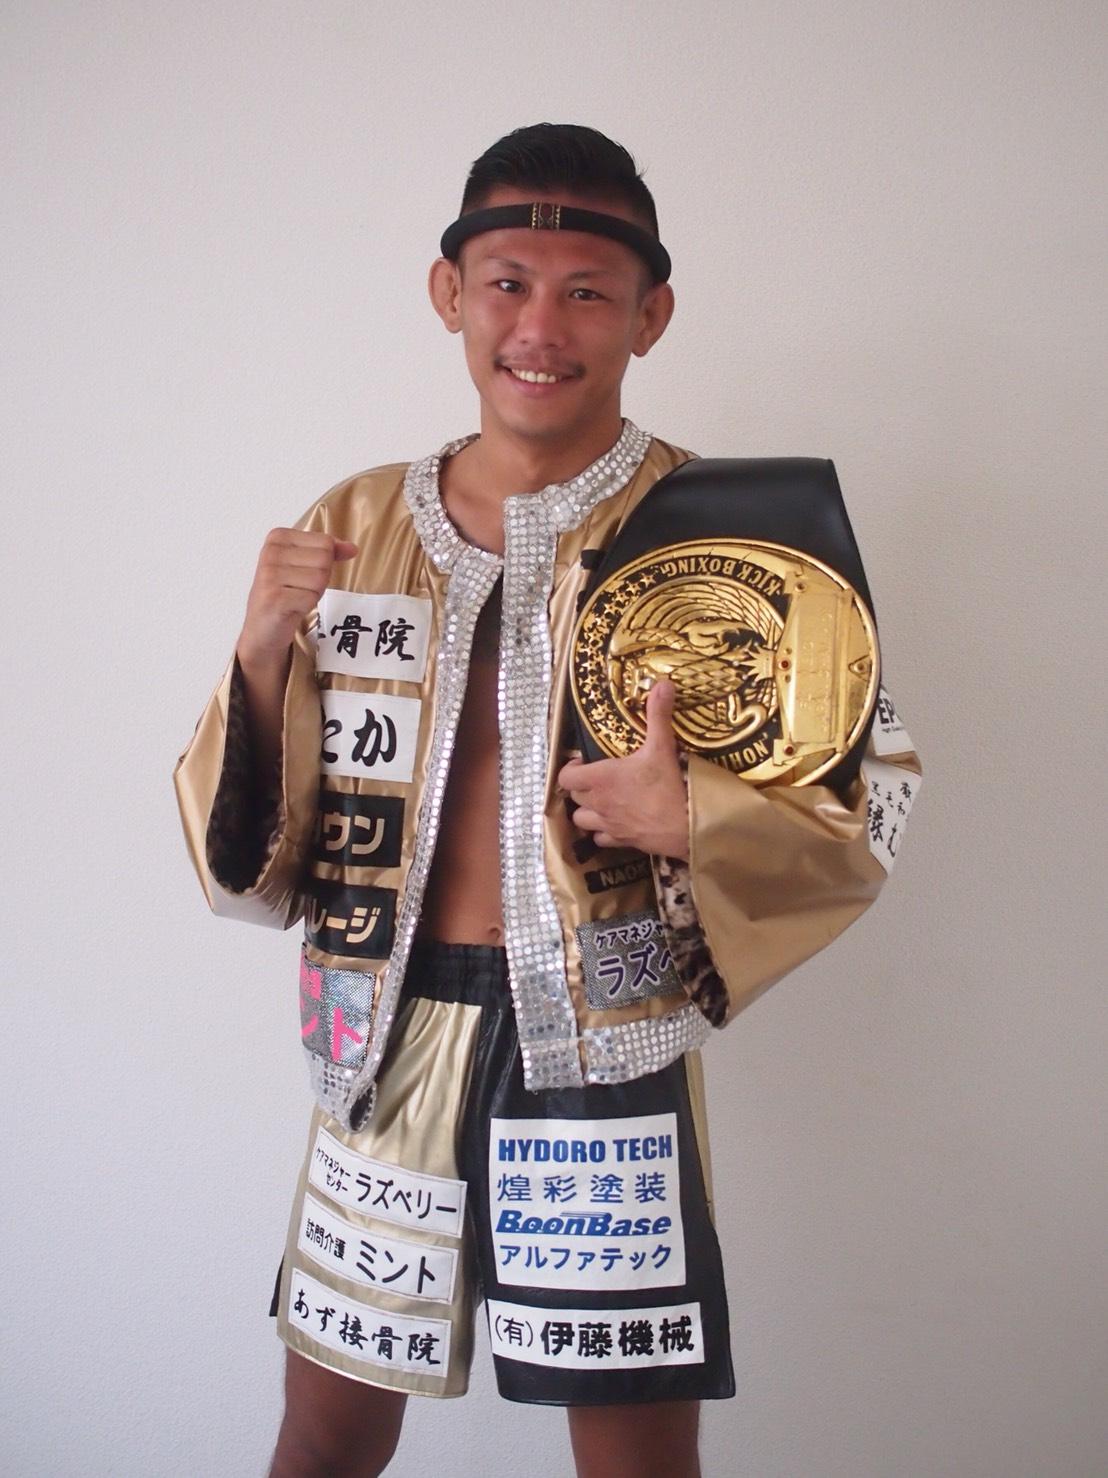 石川直樹という治政館のプロ選手